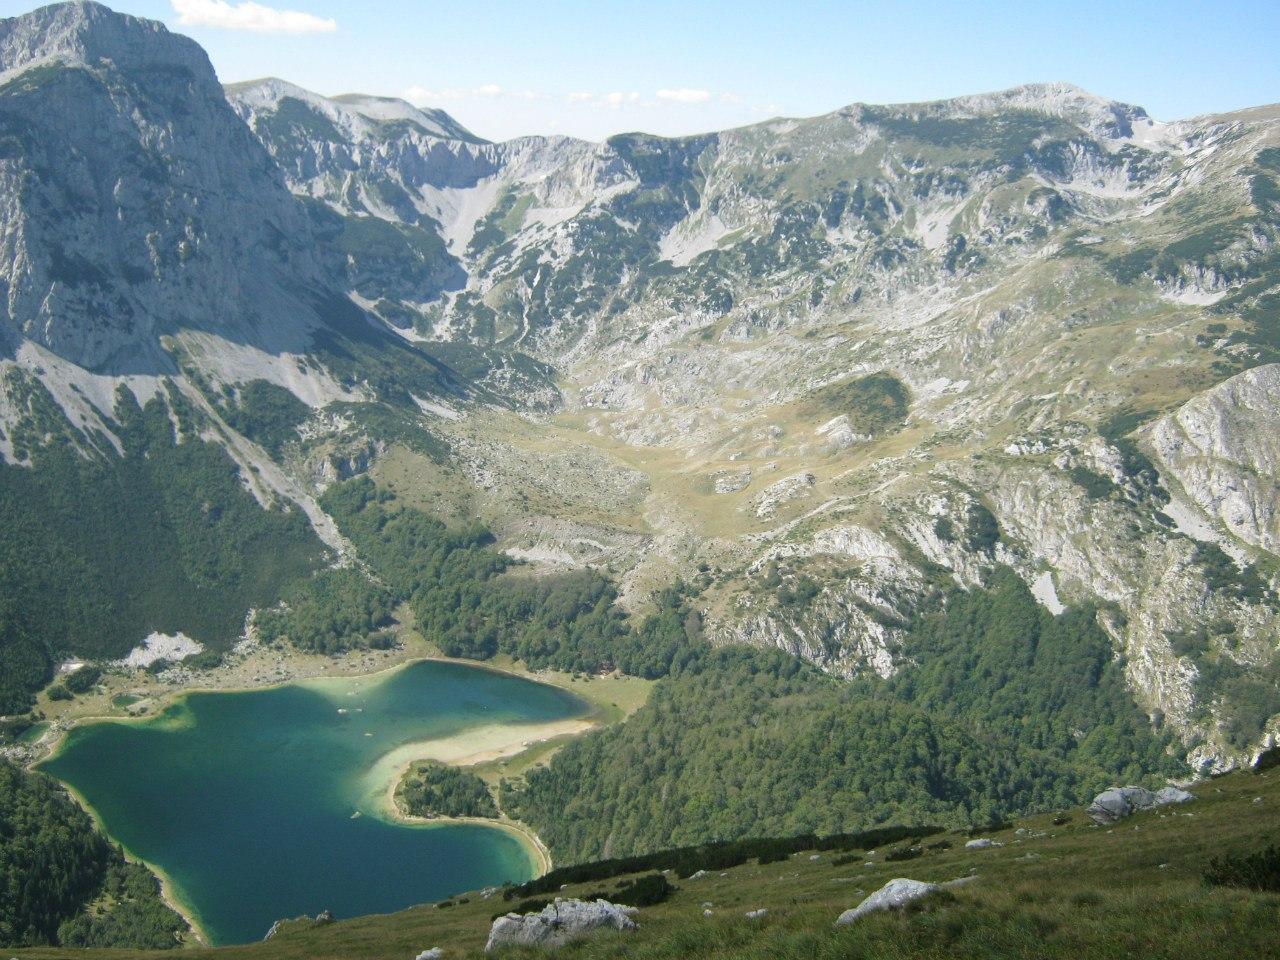 Озеро Трновачко в нац парке Сутьеска